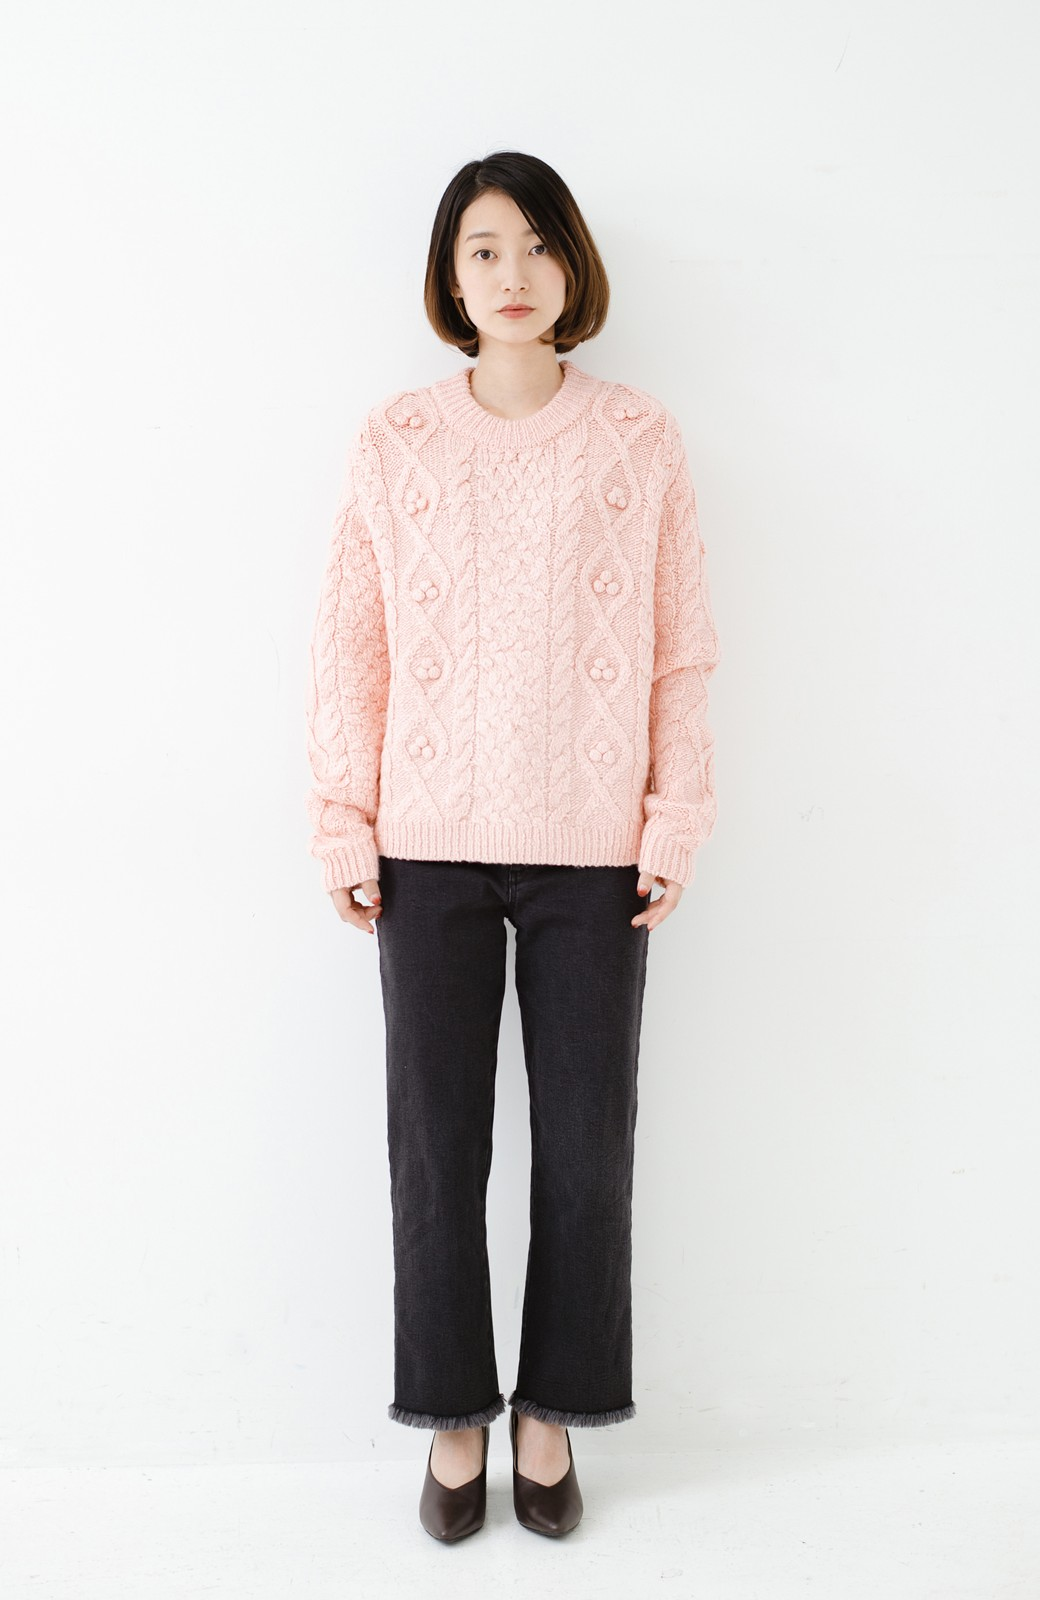 haco! 古着屋さんで見つけたようなもっふりケーブル編みセーター <ピンク>の商品写真7